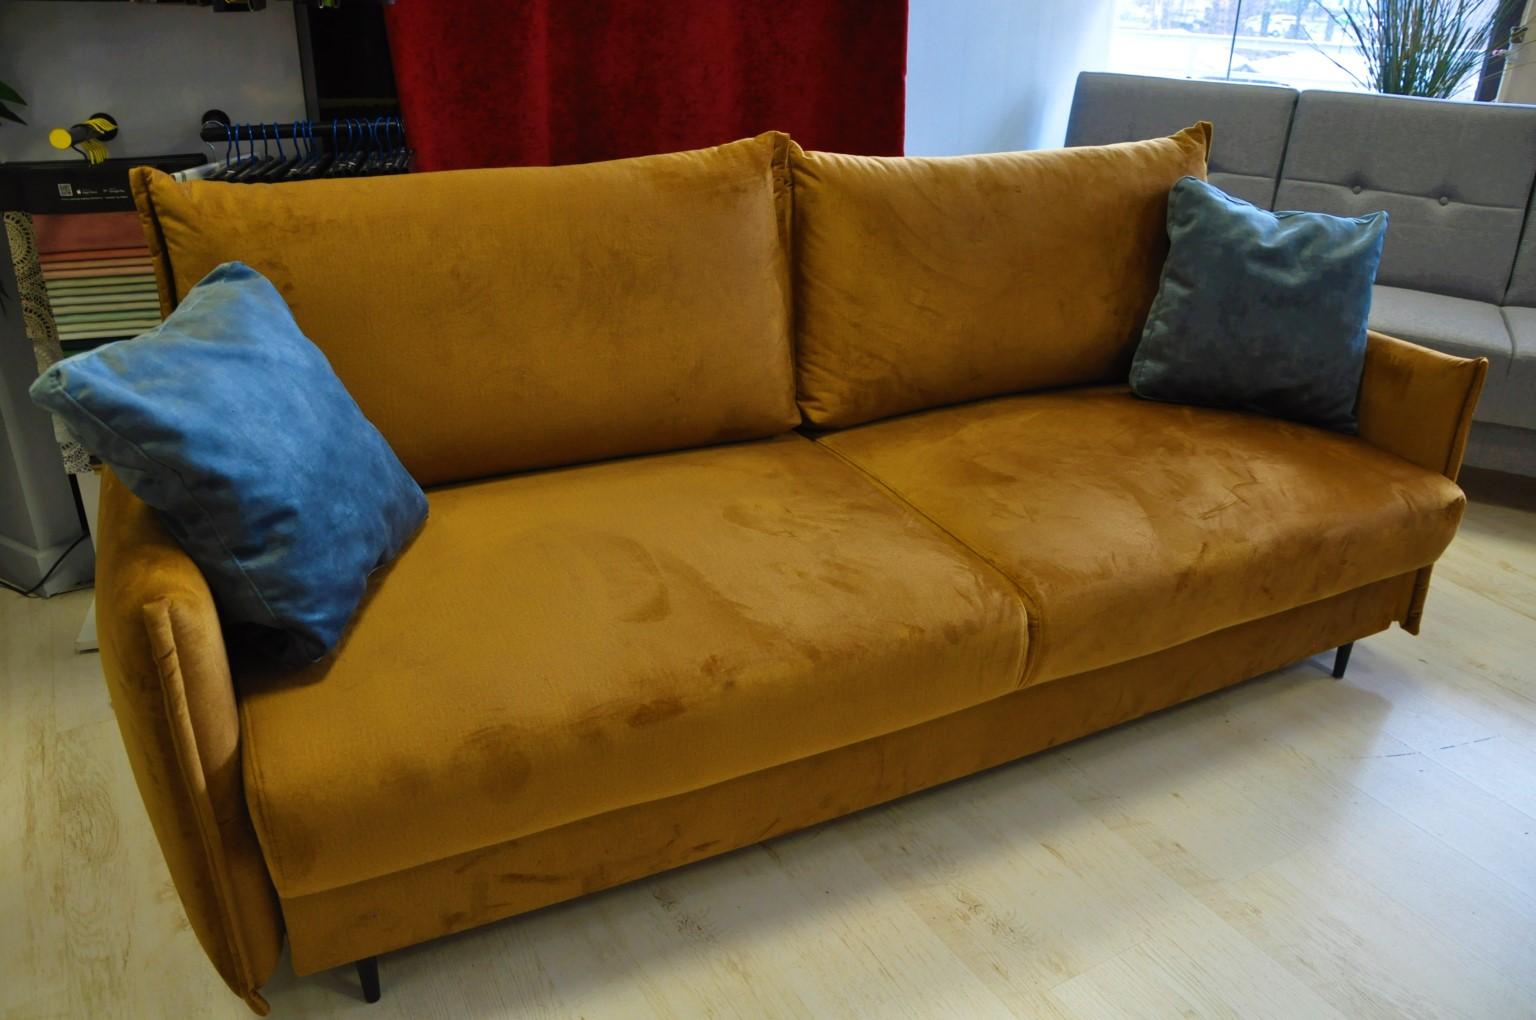 EGO sofa rozkładana Warszawa sofa z funkcją spania i pojemnikiem tkanina hydrofobowa MONOLITH 48 złota